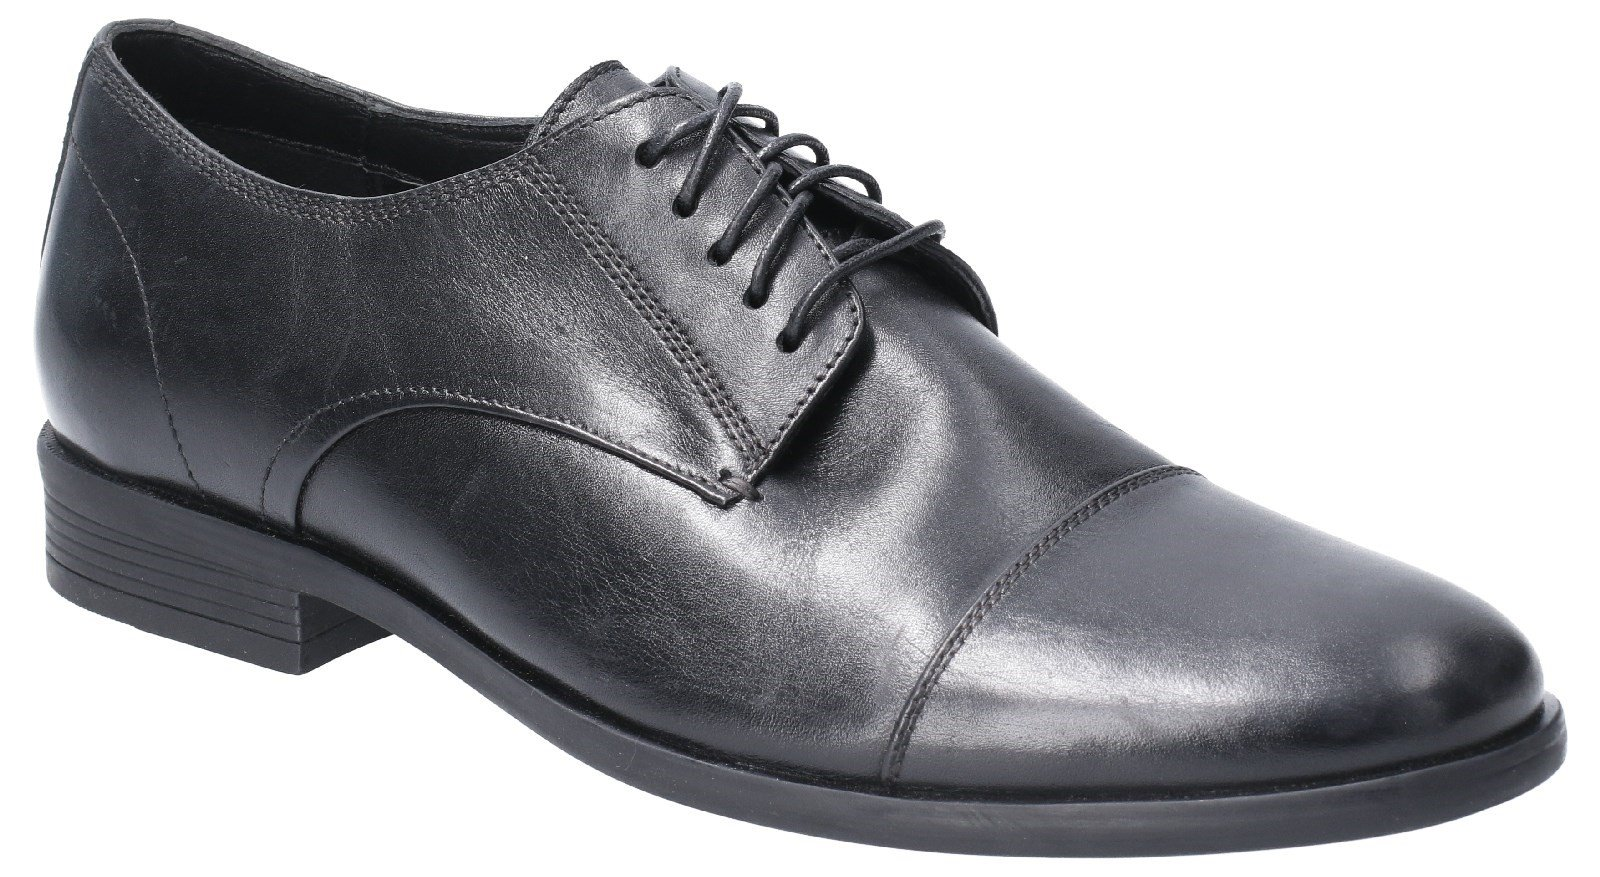 Hush Puppies Men's Ollie Cap Toe Lace Up Shoe Various Colours 29187 - Black 6